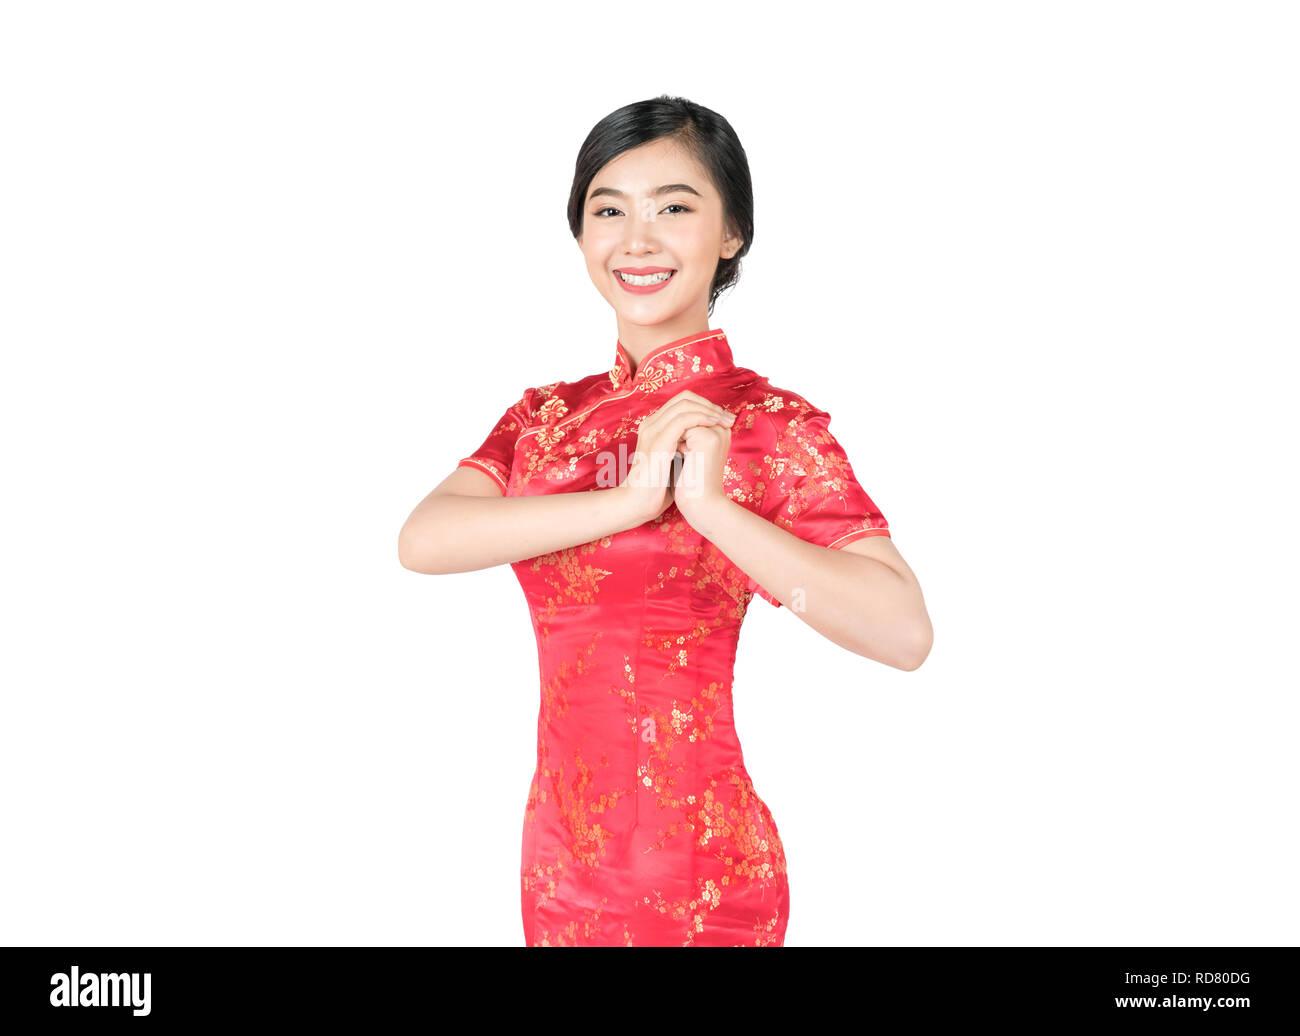 68ae844b5370 Donna asiatica in cinese tradizionale abito cheongsam con gesto di  congratulazioni nel nuovo anno cinese isolato